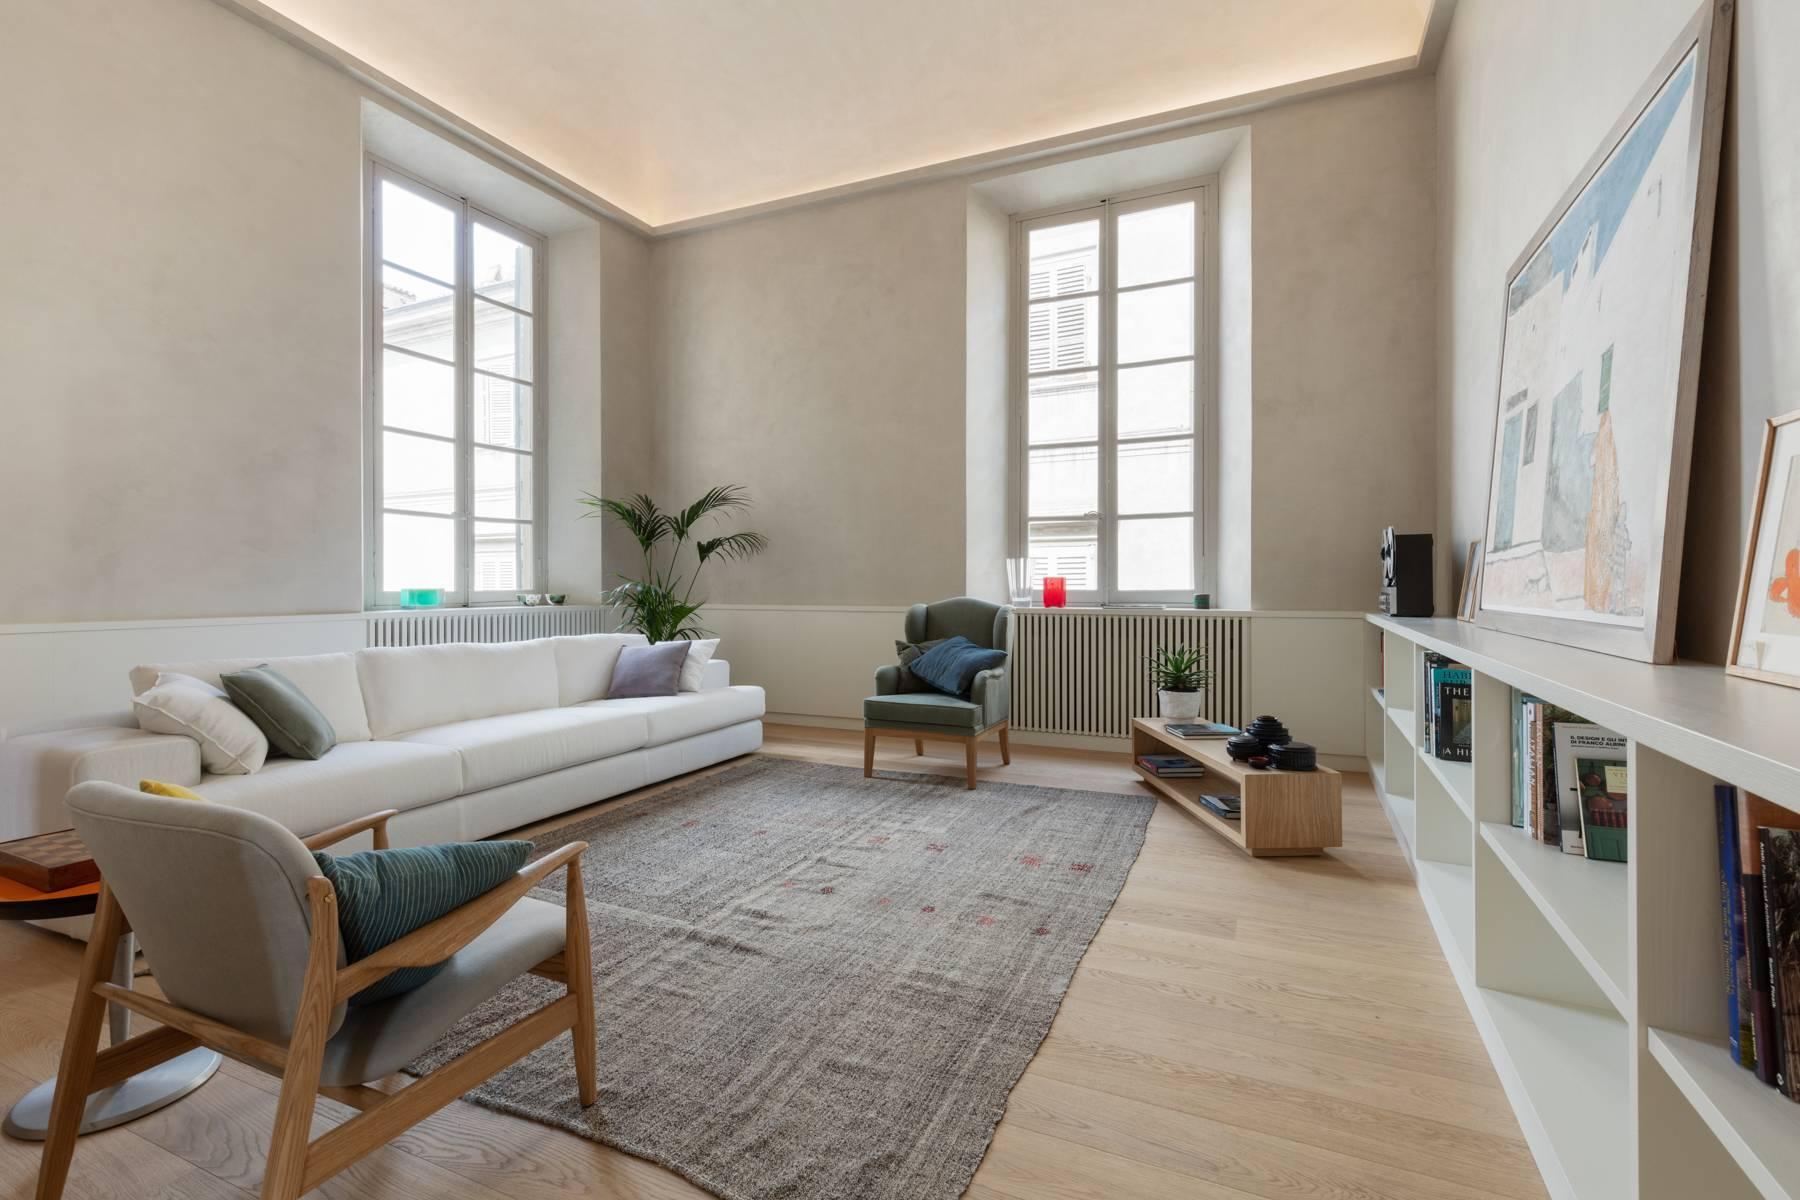 Elegante appartamento nel centro di Piacenza - 2